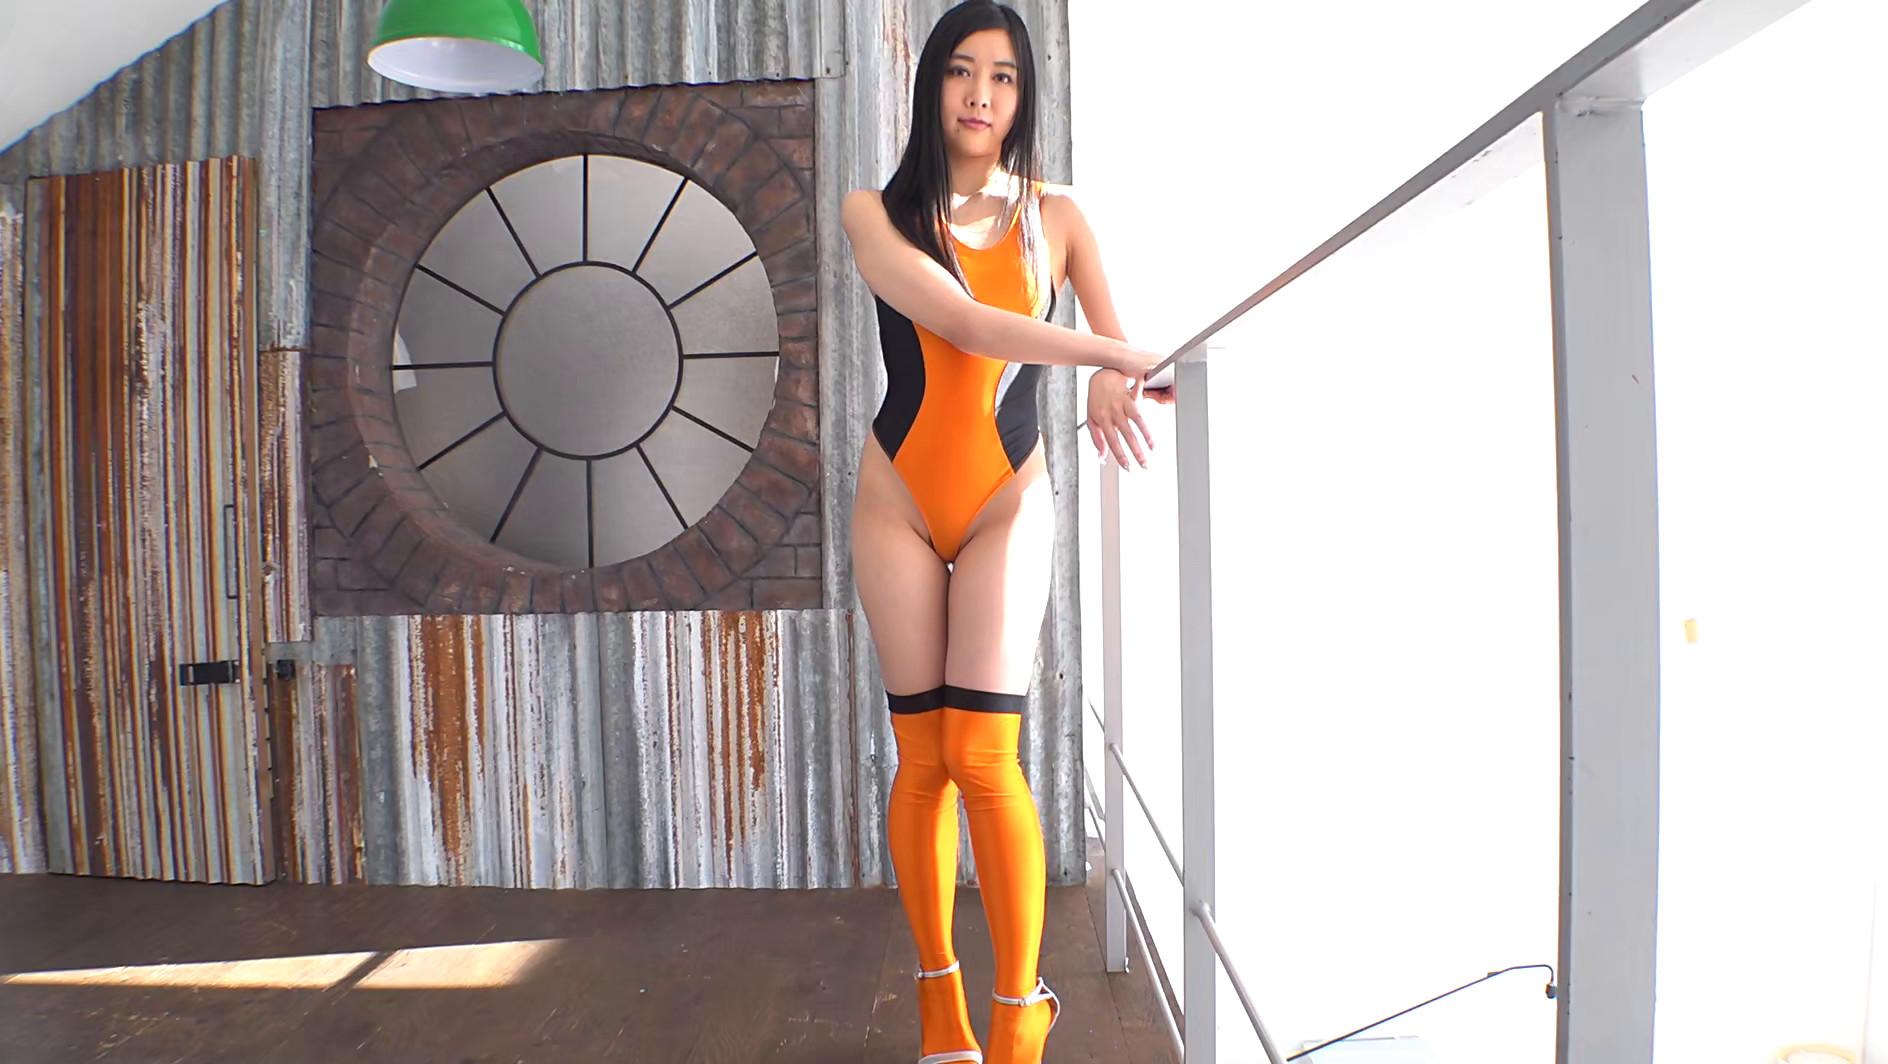 レースクィーンでモデルもこなす長身美女 デビュー 高垣愛莉 画像1